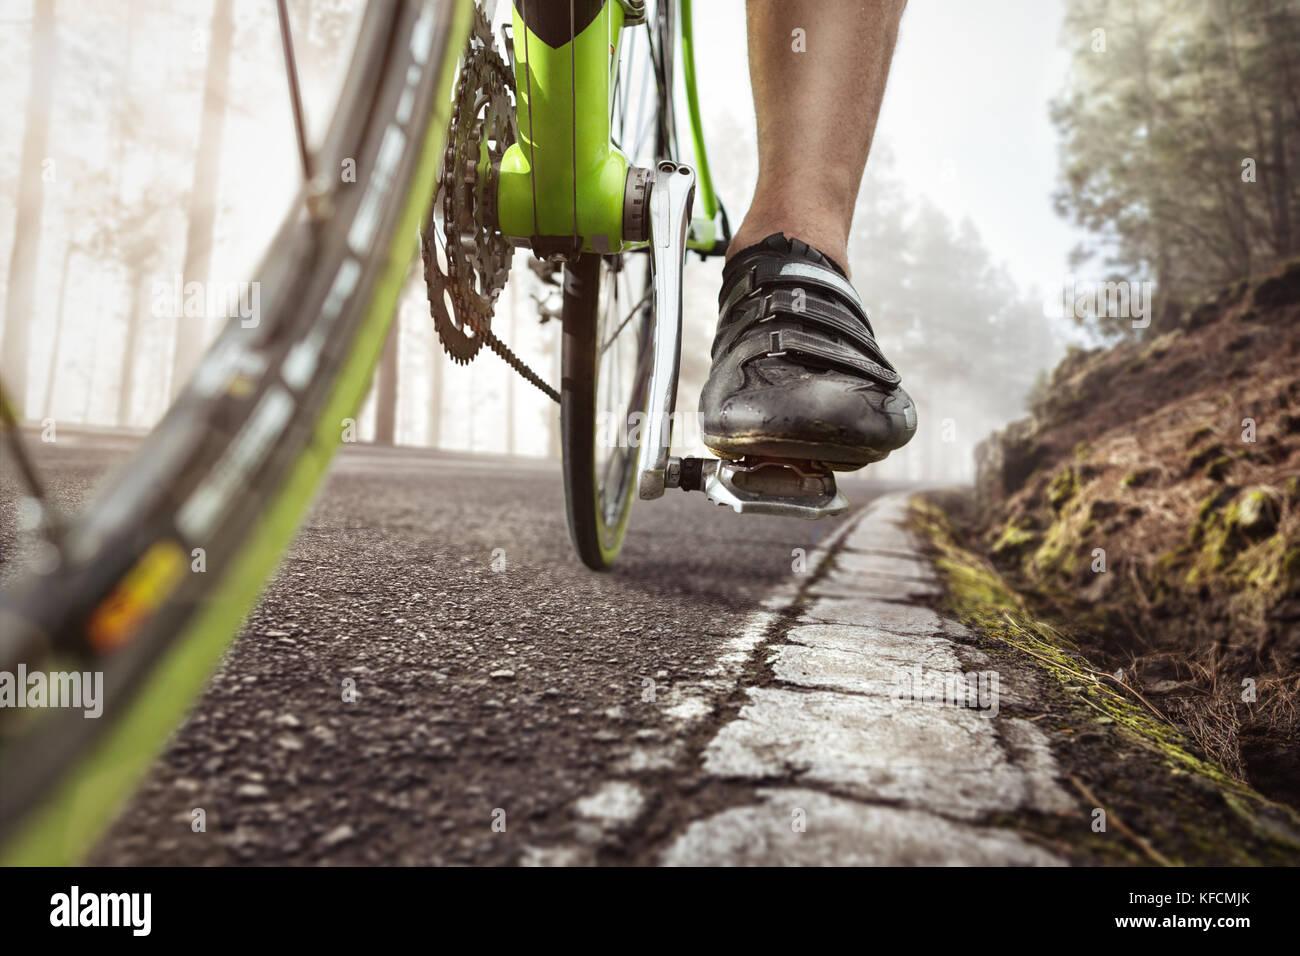 Randonnée à vélo sur une route forestière de brouillard Photo Stock